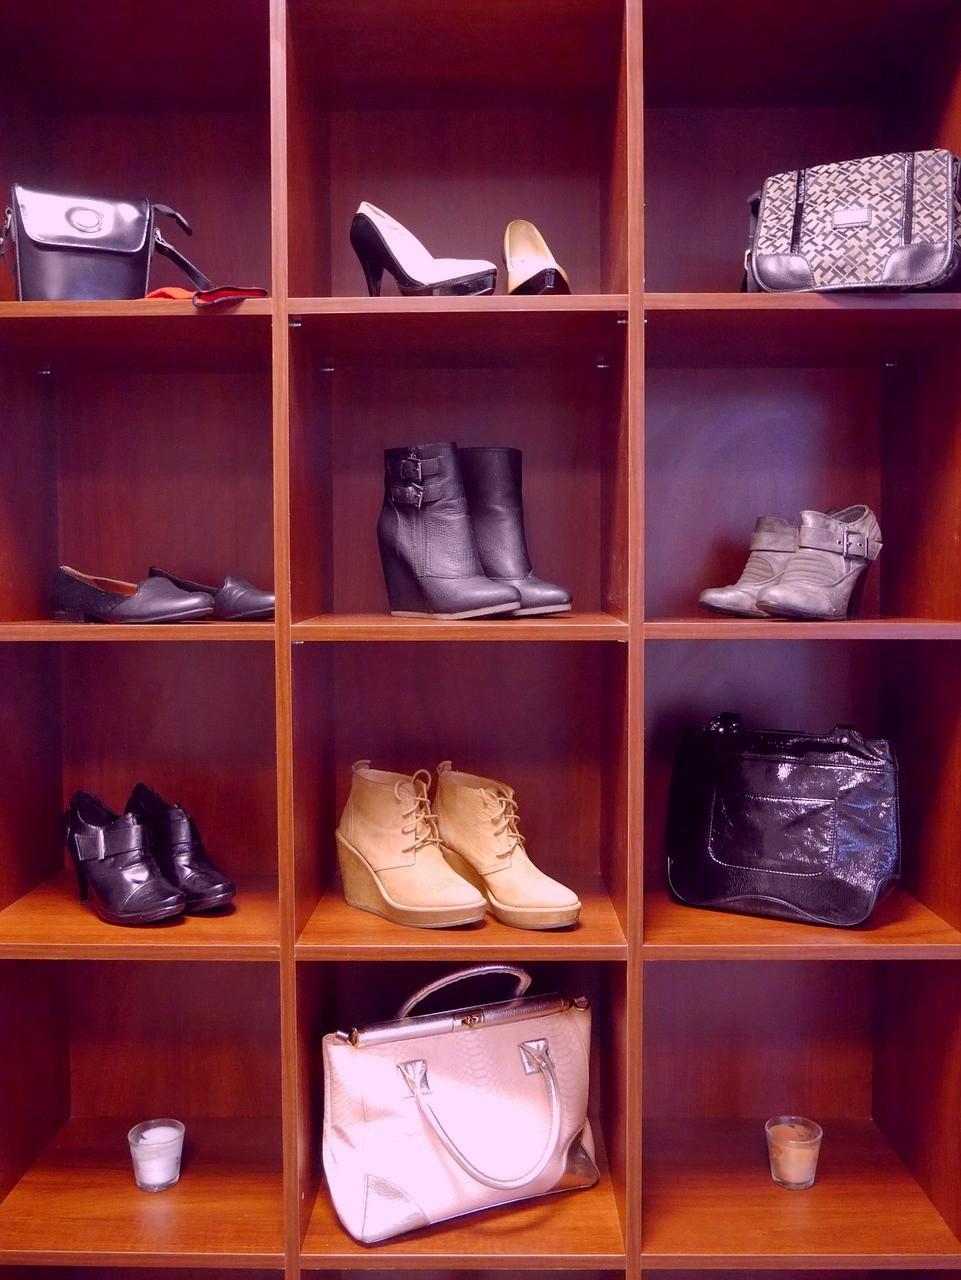 Дамски обувки в гардероб